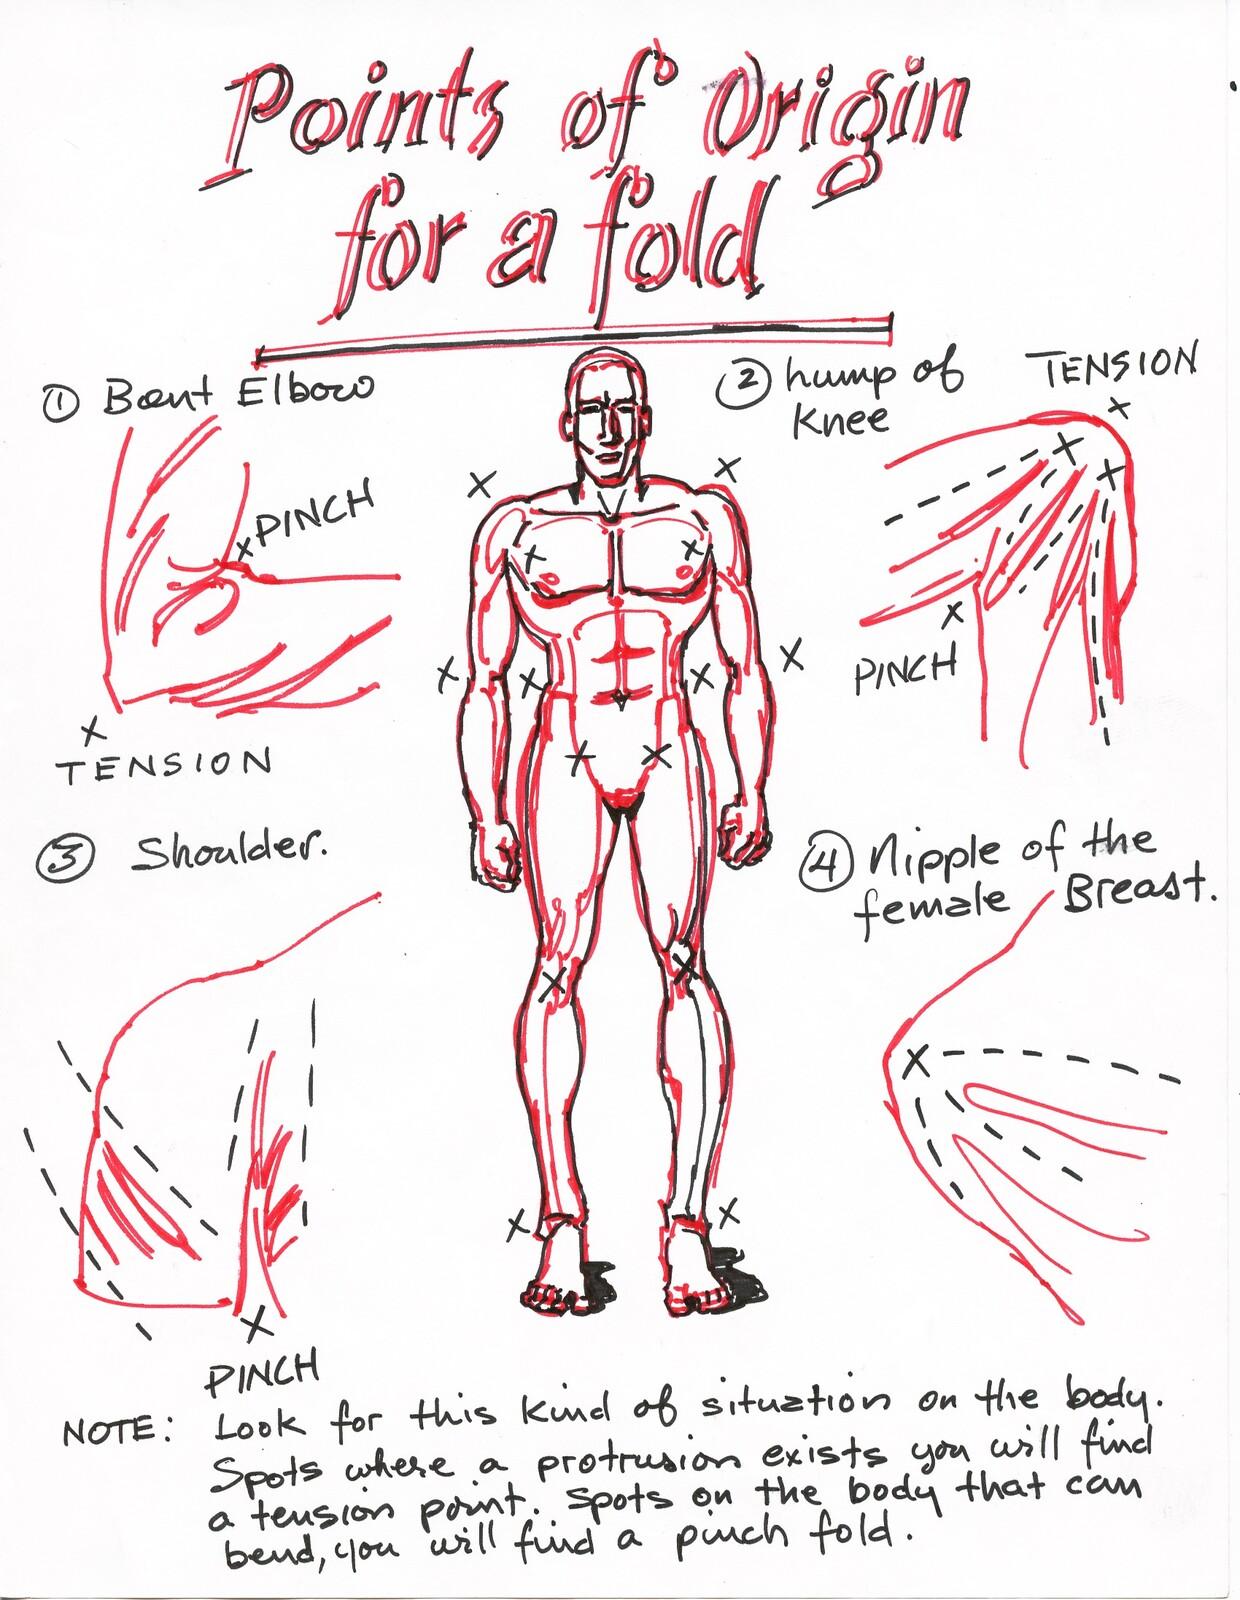 Where folds originate.